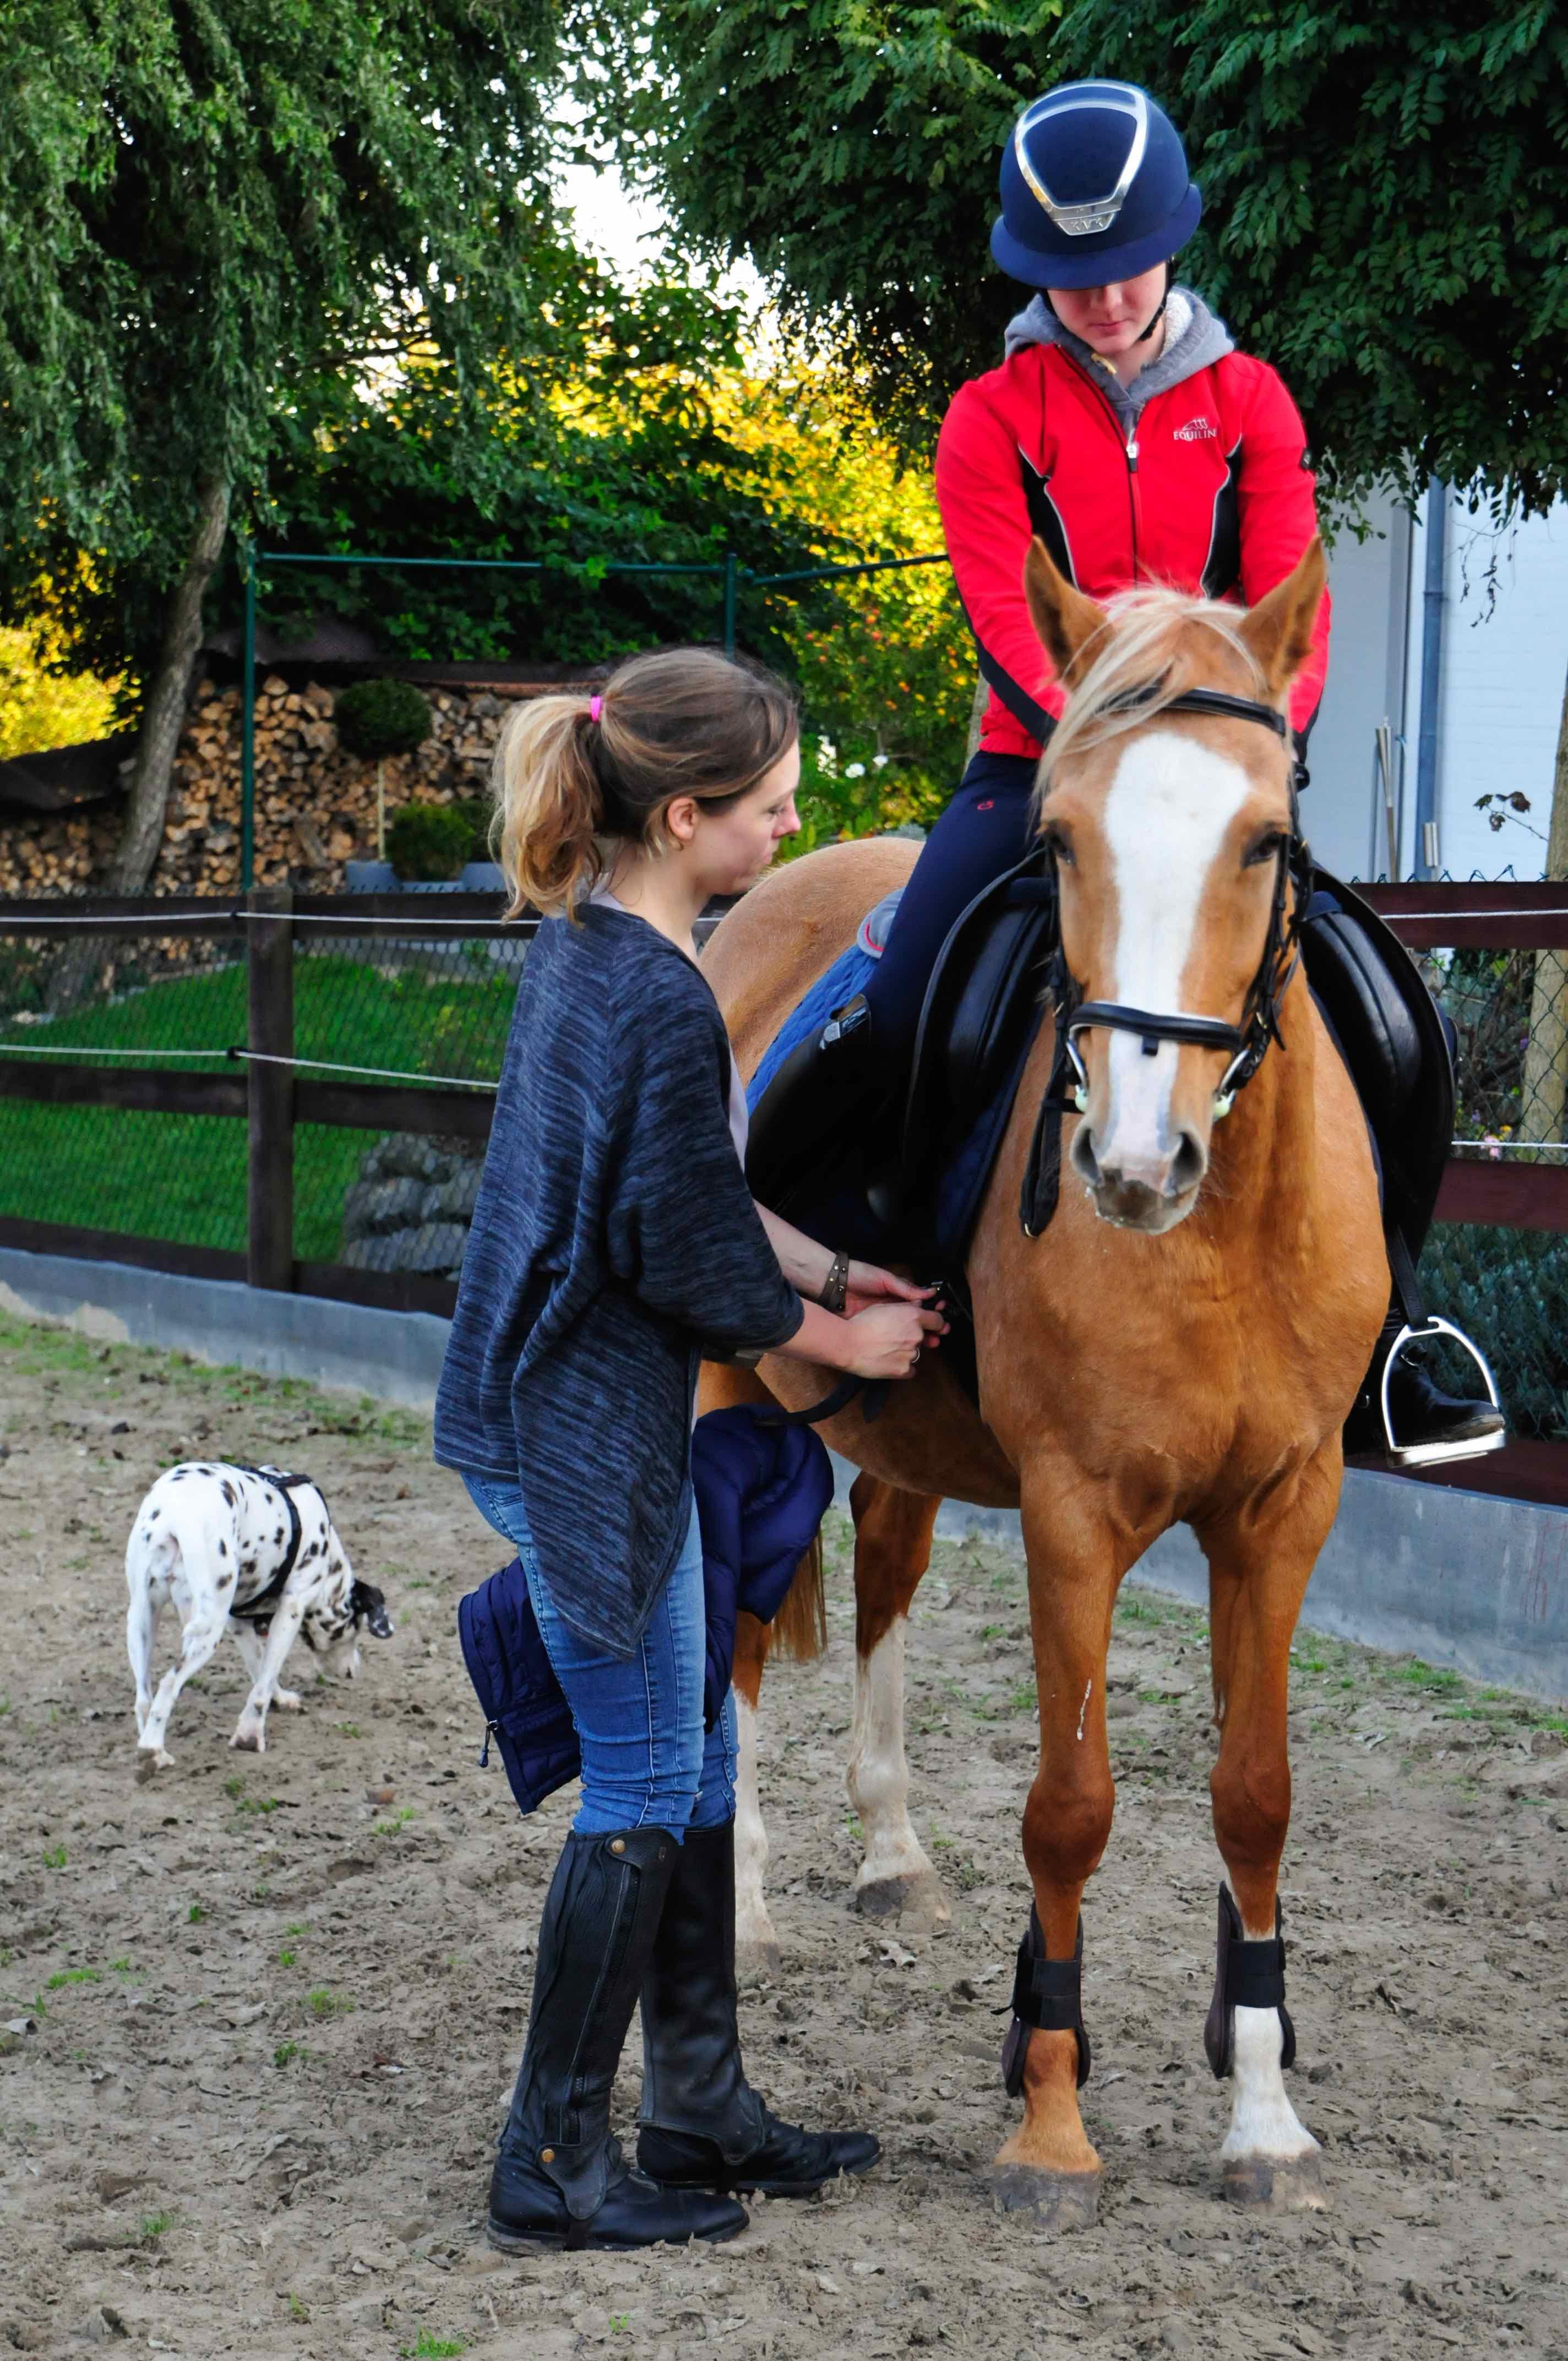 Pferd, Reiter, Nachgurten, Dalmatiner